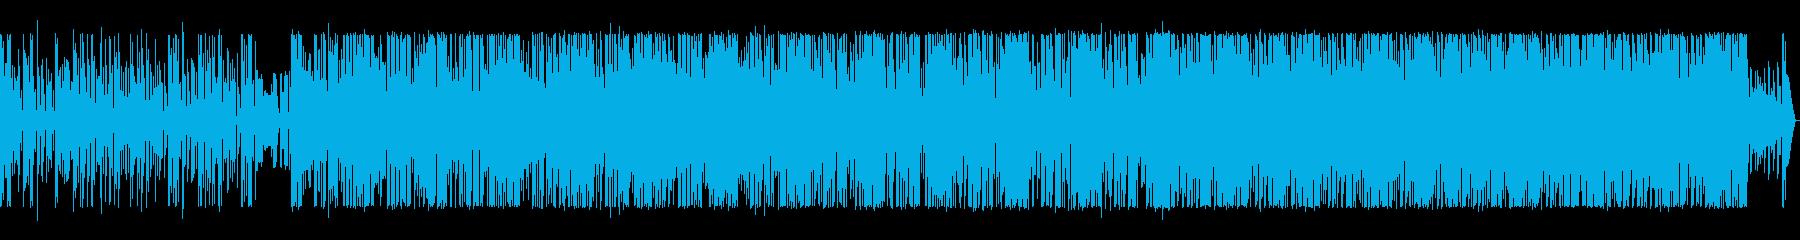 映像に合う疾走感のあるエレクトロニカの再生済みの波形